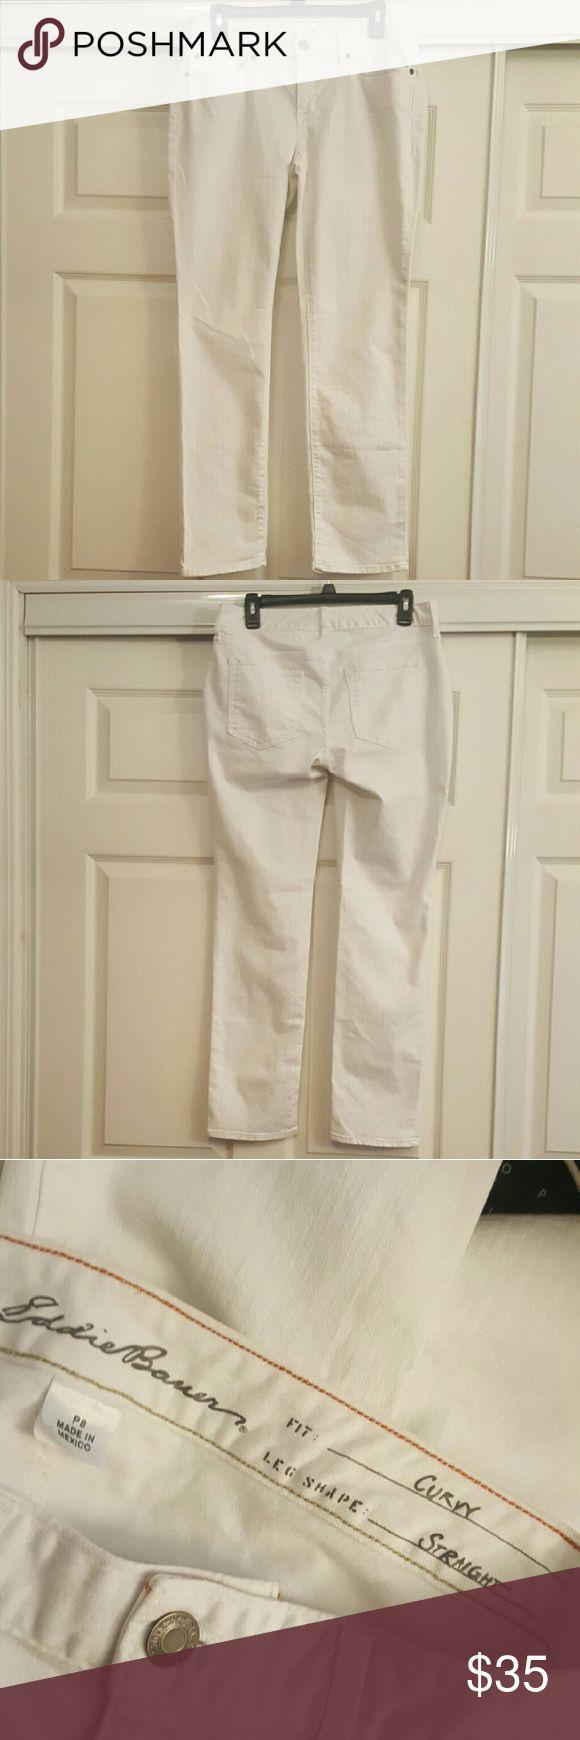 """Eddie Bauer White Curvy Jeans Size 8P Straight leg Curvy Fit Size P8  width: 16"""" length: 39"""" inseam: 30"""" Eddie Bauer Jeans Straight Leg"""